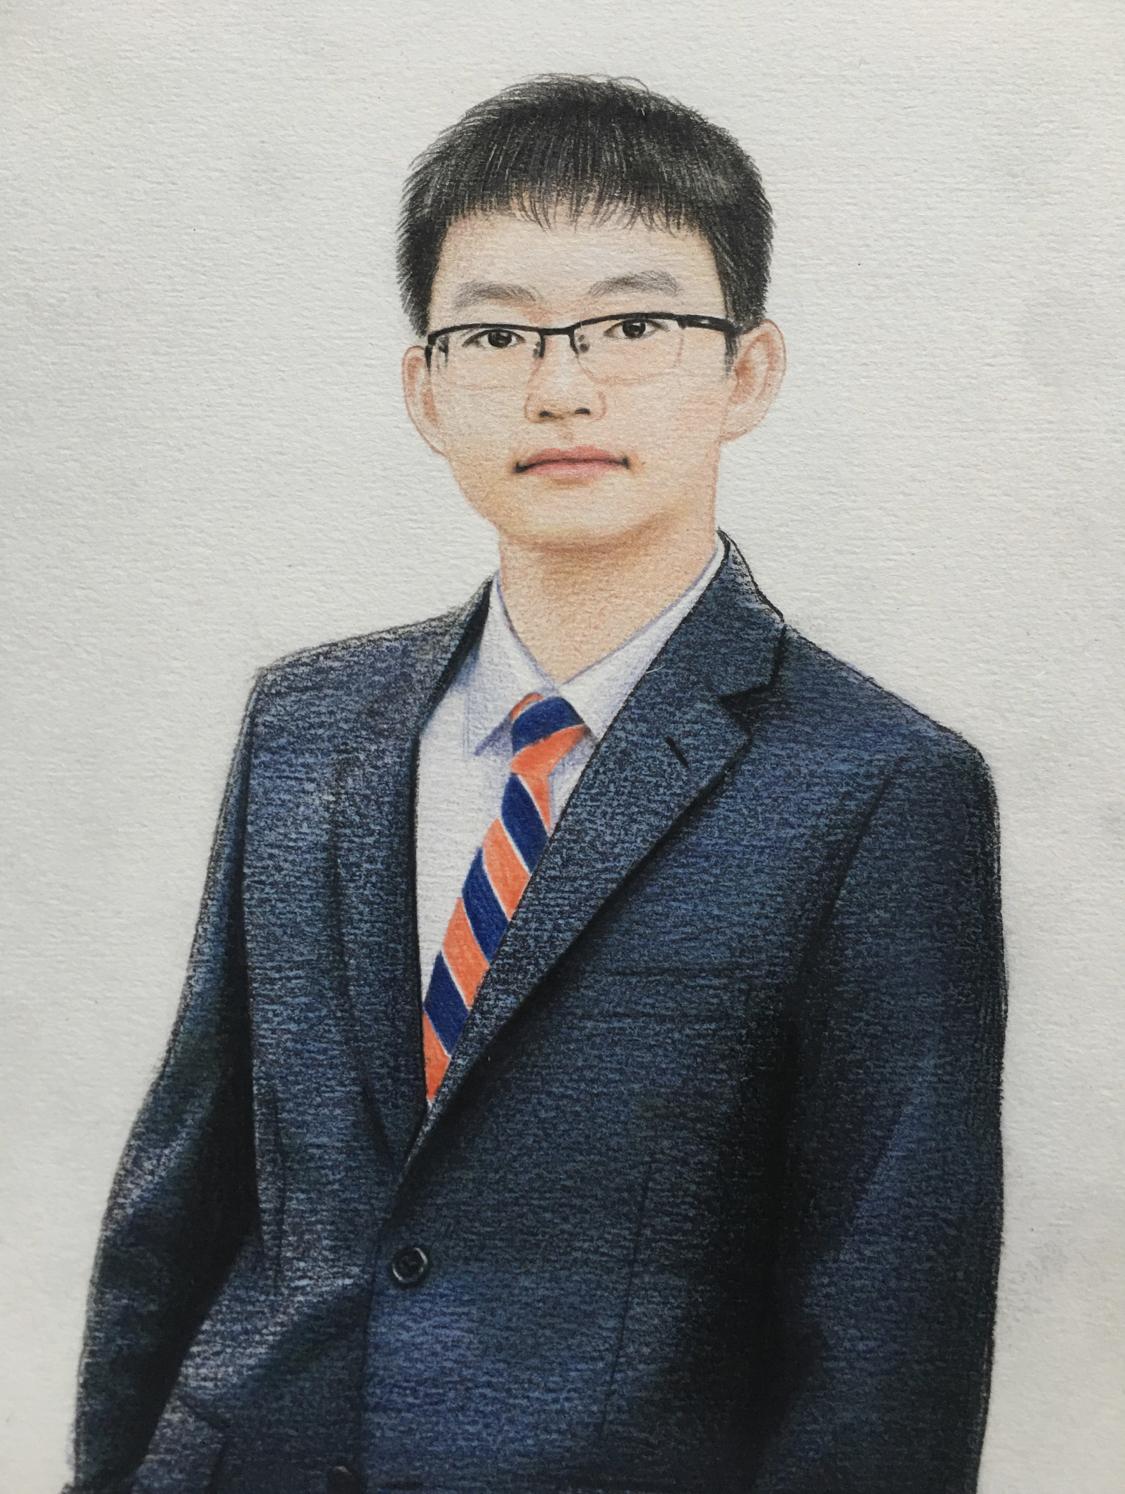 Tony Luo